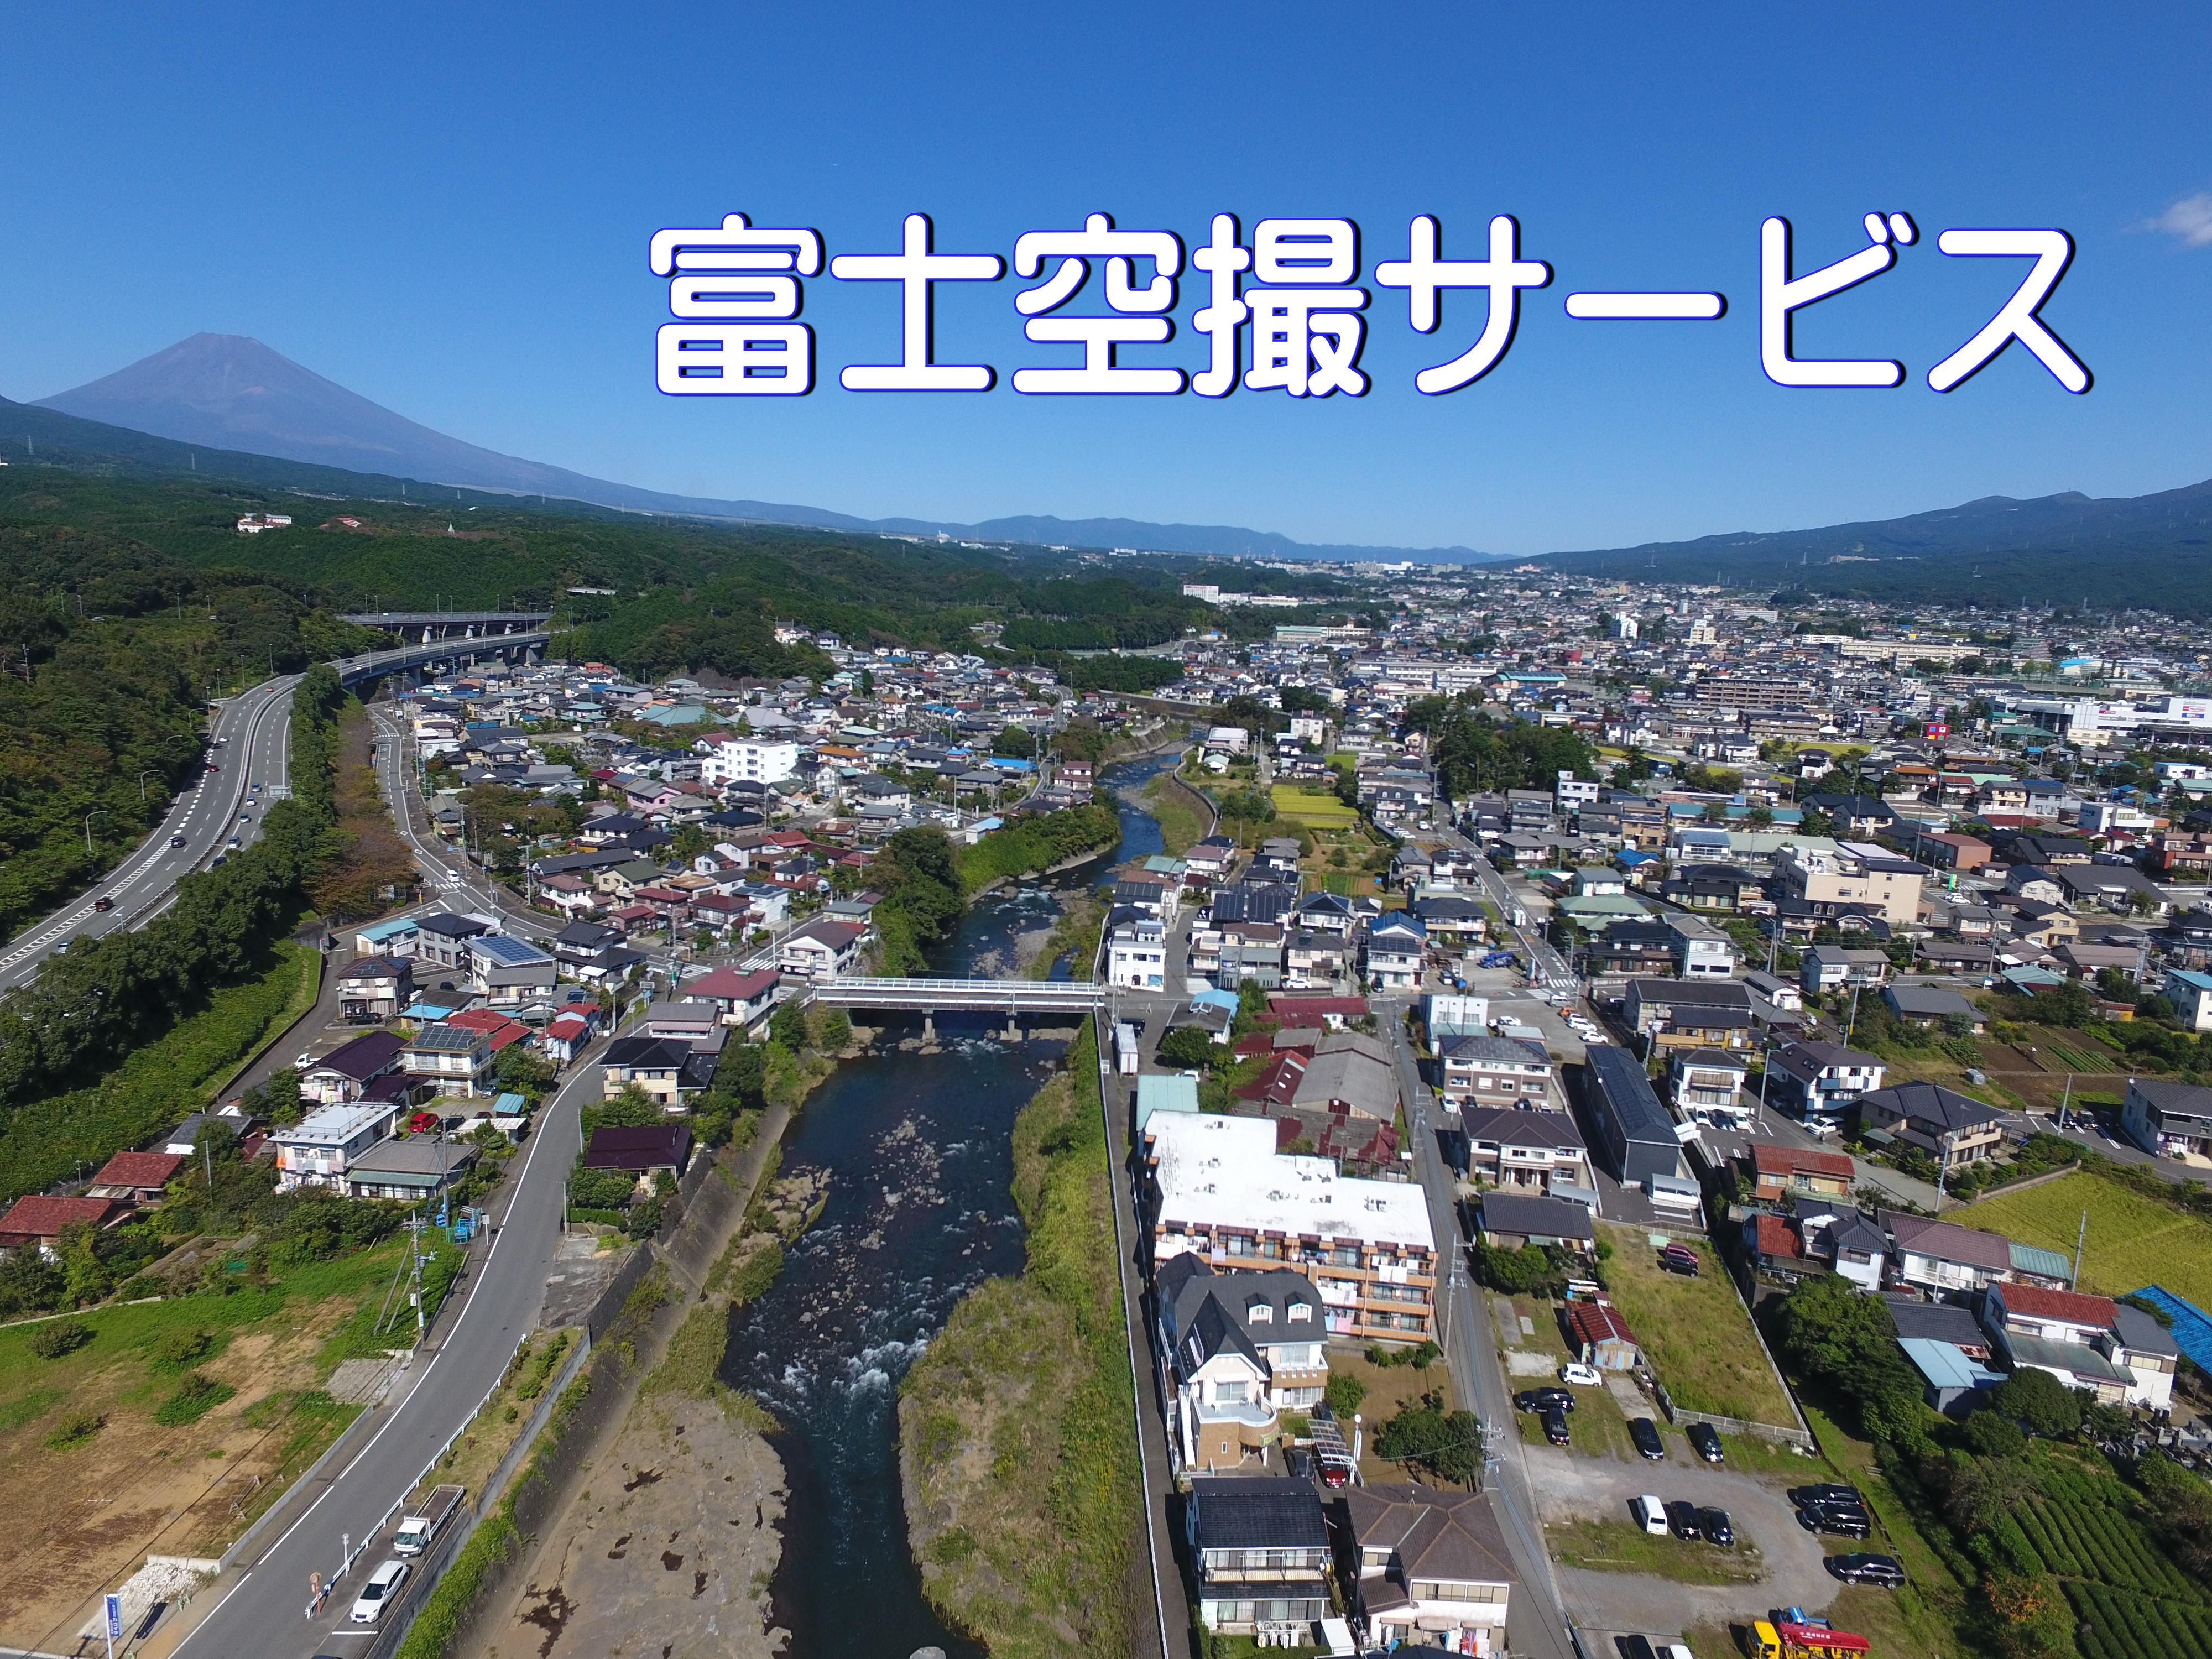 静岡県裾野市 ドローンでの空撮の事なら、富士空撮サービスへお任せください。